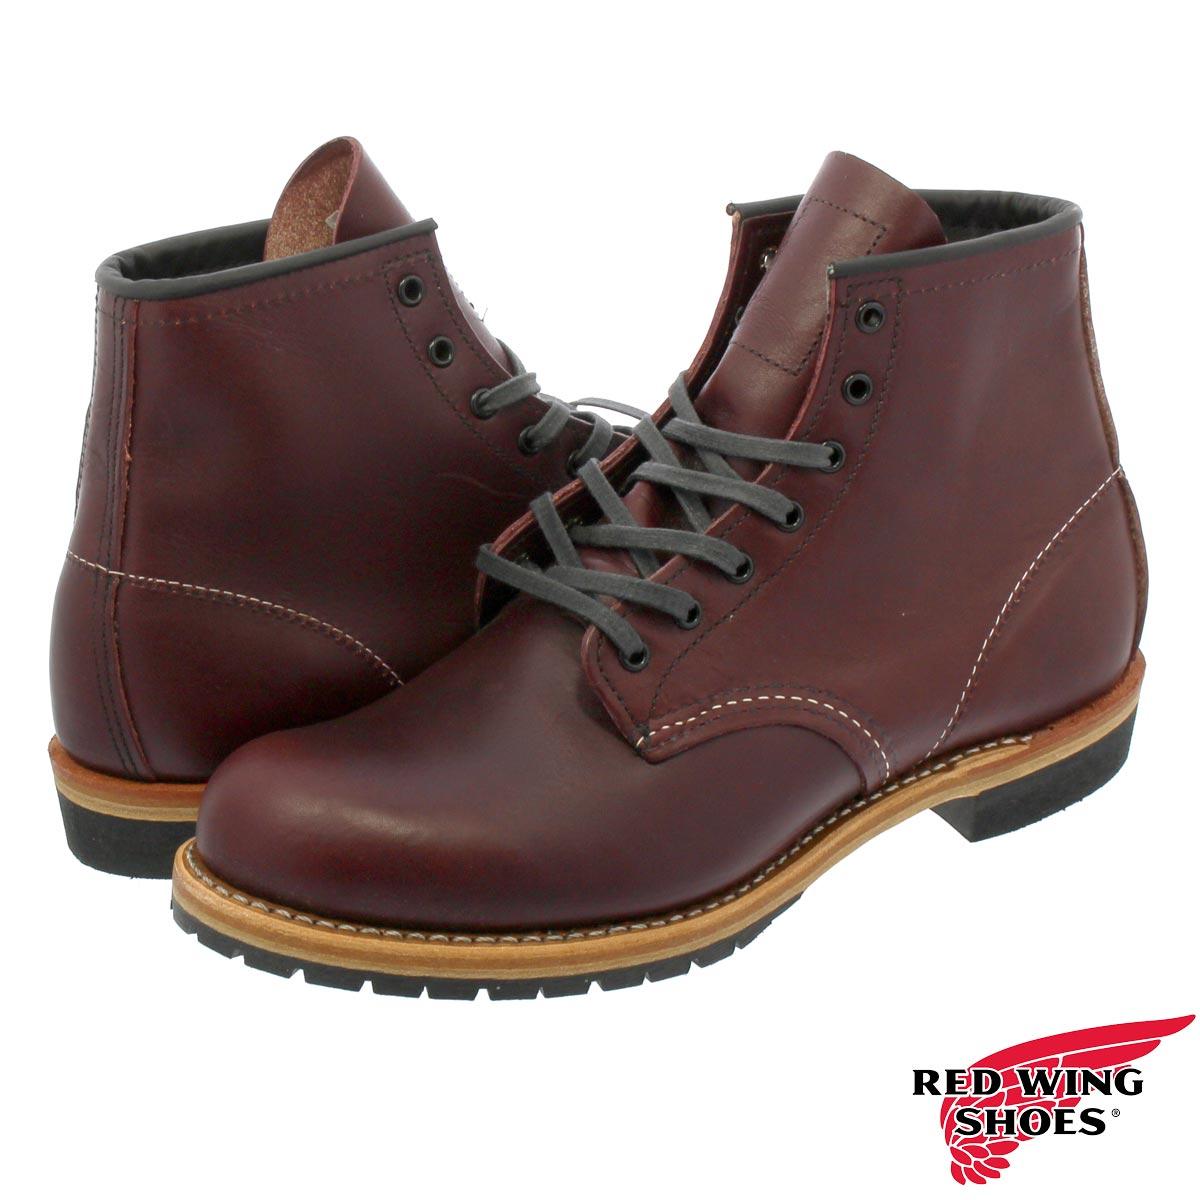 【送料無料】【ビッグ・スモールサイズ】 RED WING 9011 BECKMAN BOOT レッドウイング ベックマン ブーツ BLACKCHERRY